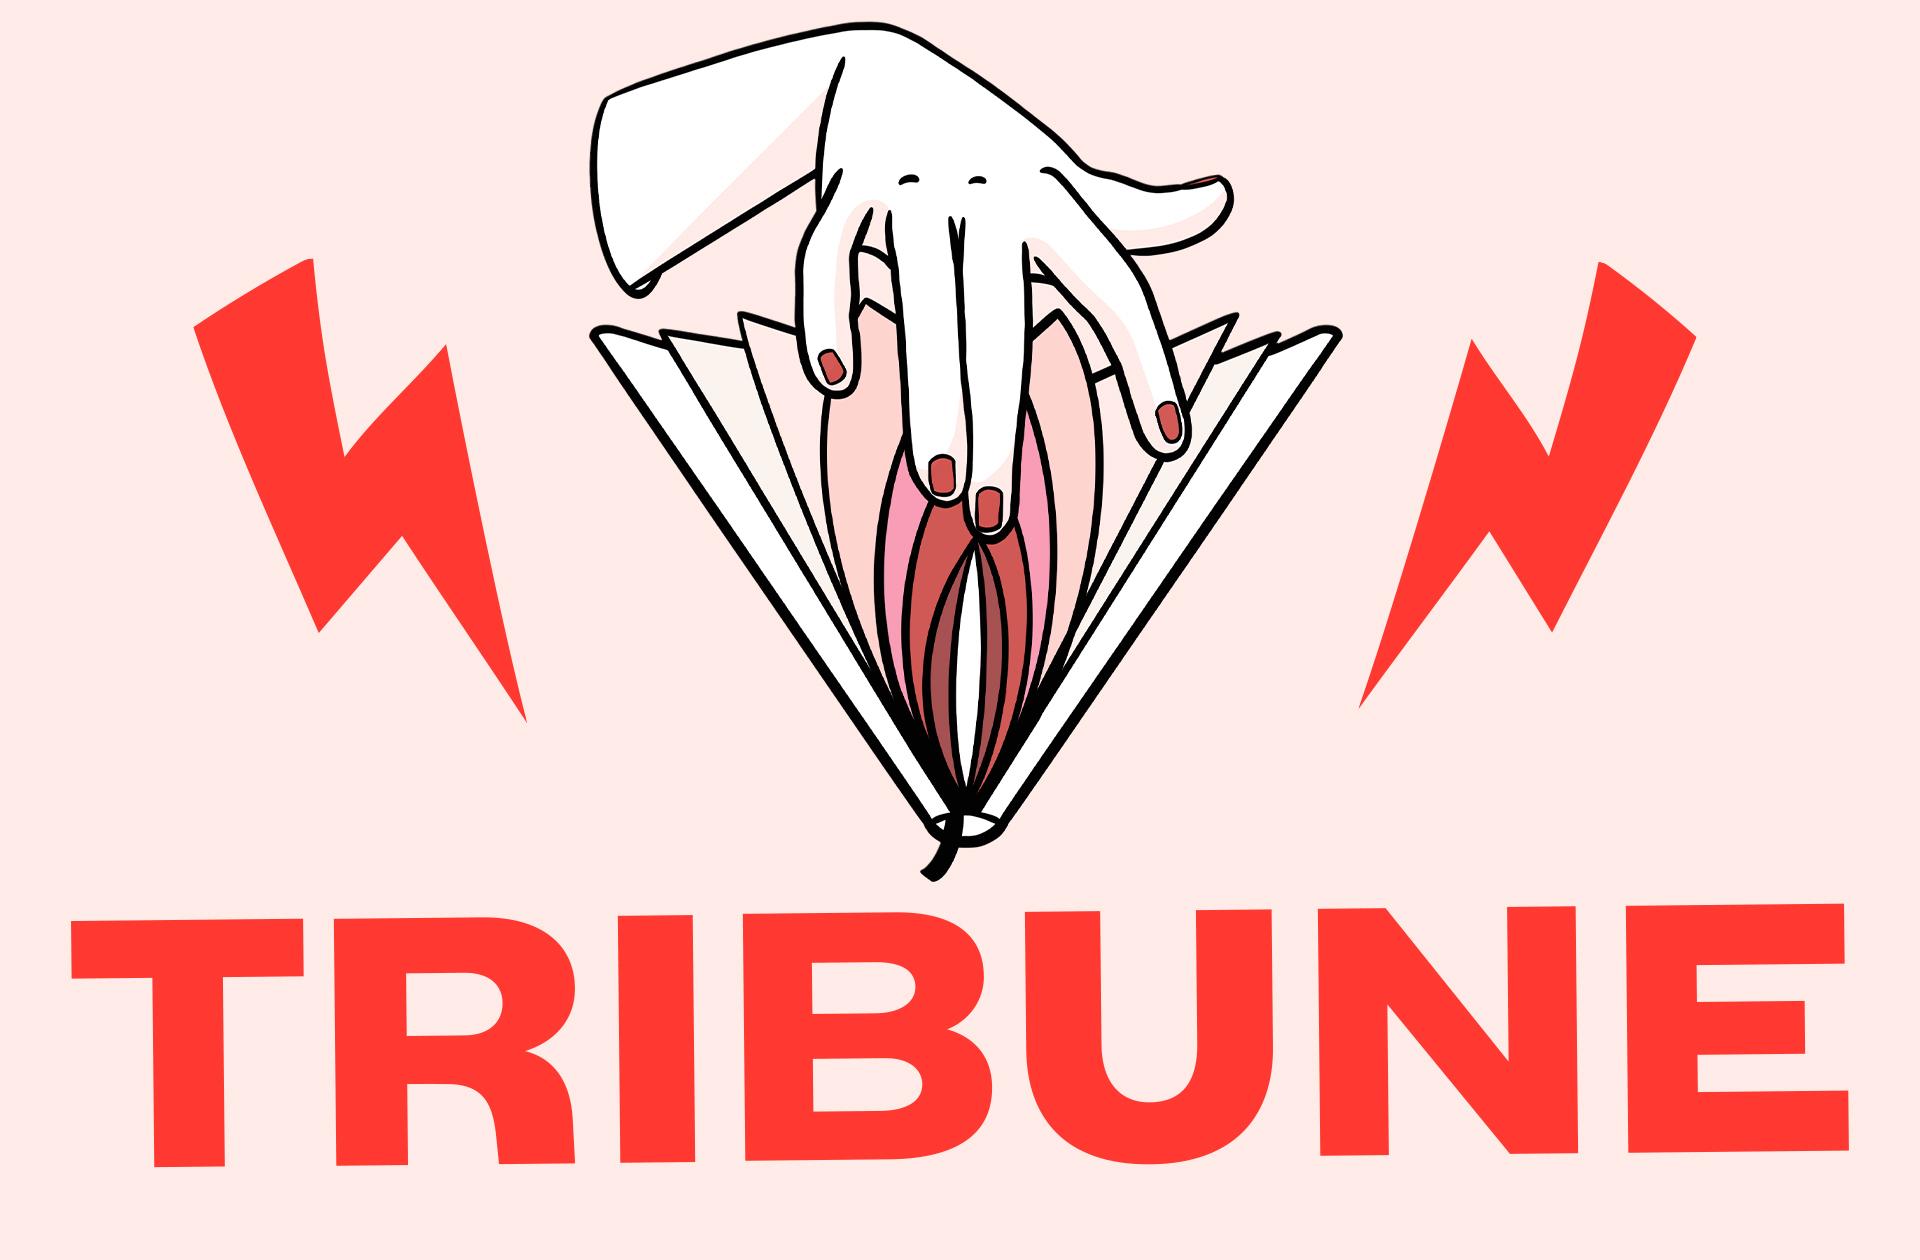 tribune_wiculpedia